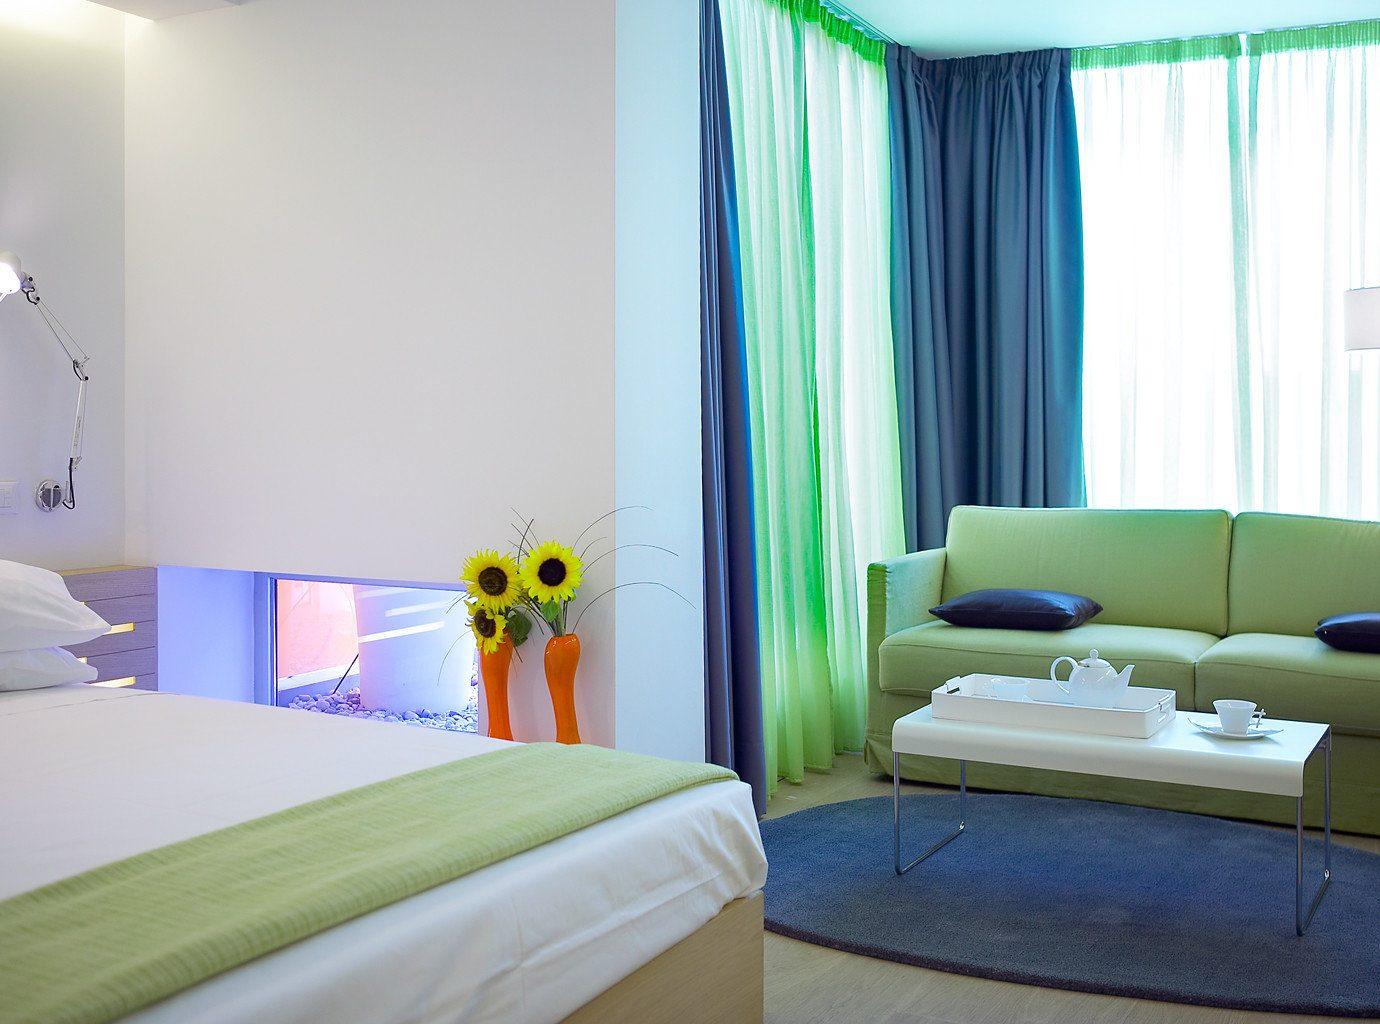 Bedroom City property curtain condominium Suite pillow lamp